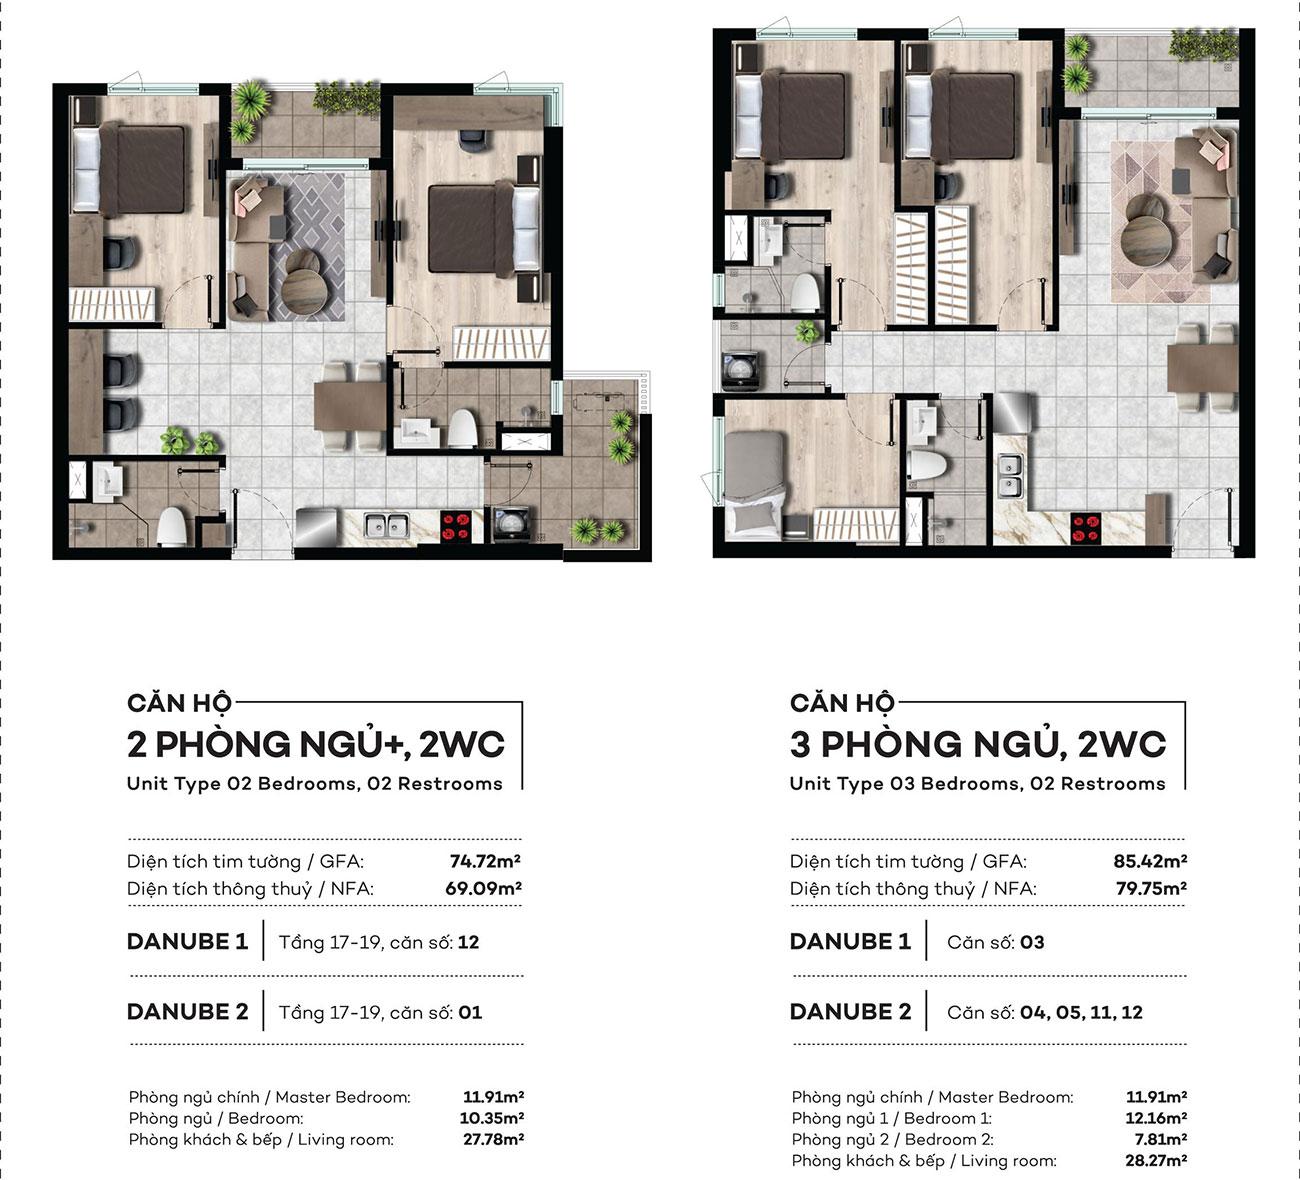 Thiết kế chi tiết căn hộ 2 và 3 PN,2WC dự án West Gate Bình Chánh – Liên hệ 0942.098.890 nhận báo giá căn hộ này